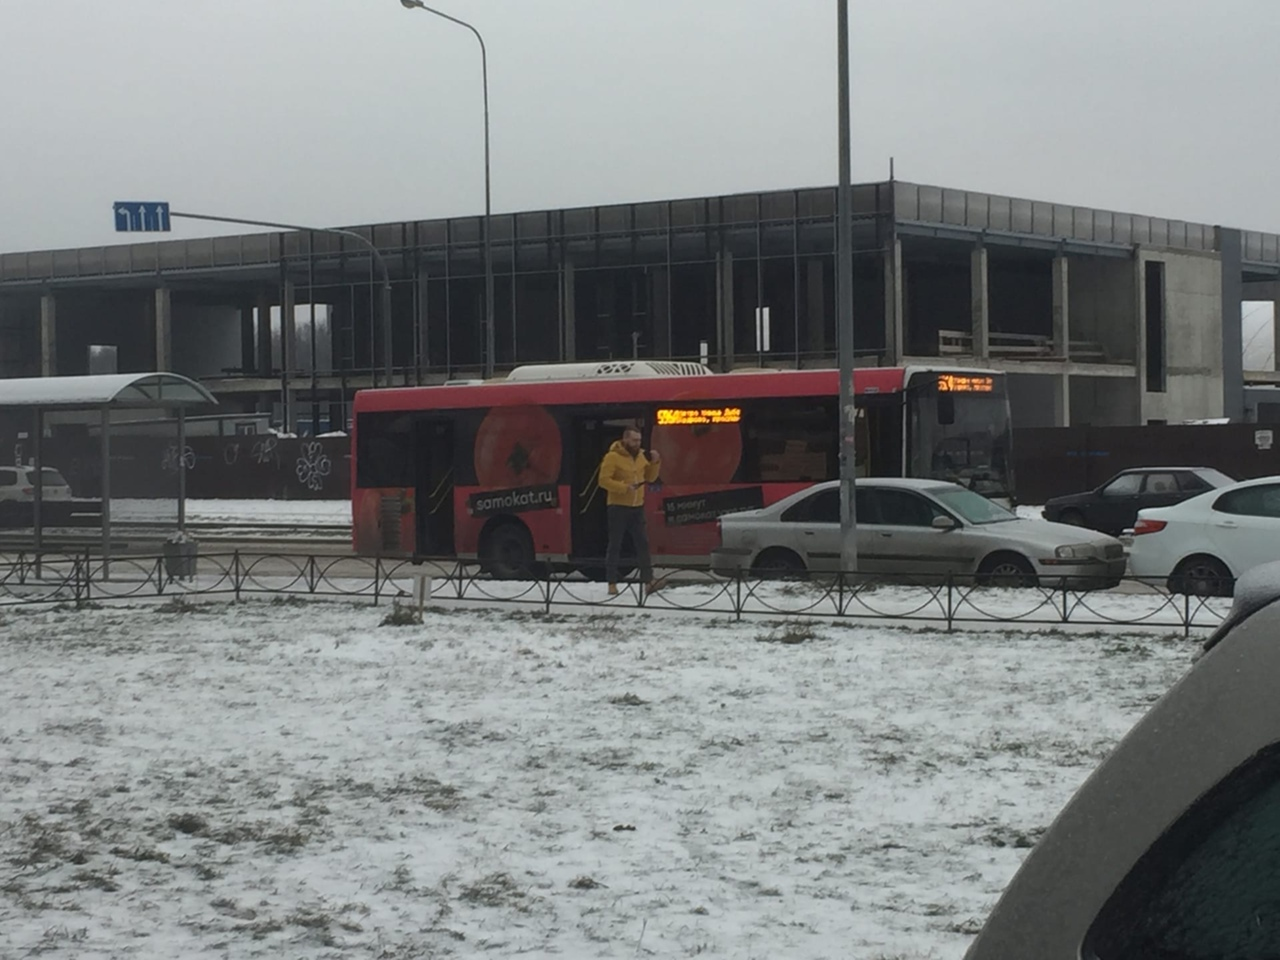 В г. Кудрово на Строителей 18, автобус въехал в Вольву. Гололед.